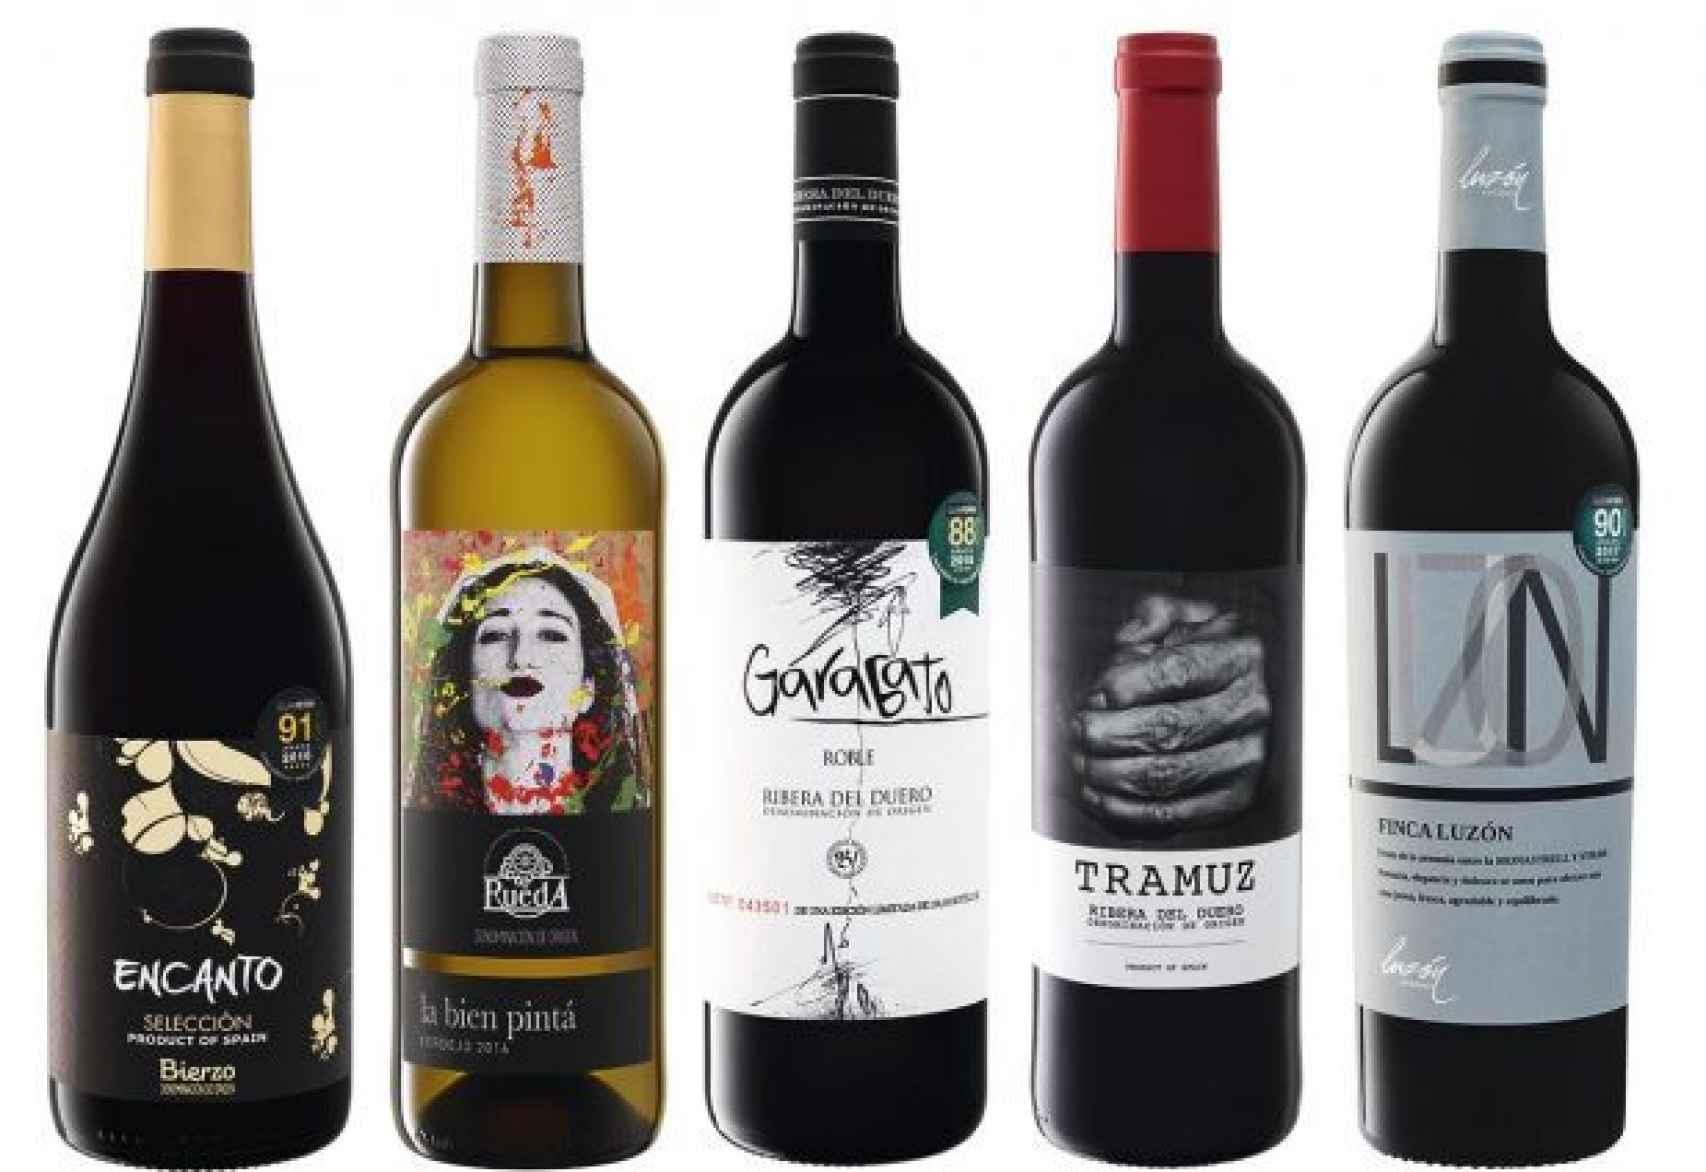 Estos son los cinco mejores vinos del Lidl en relación calidad-precio.